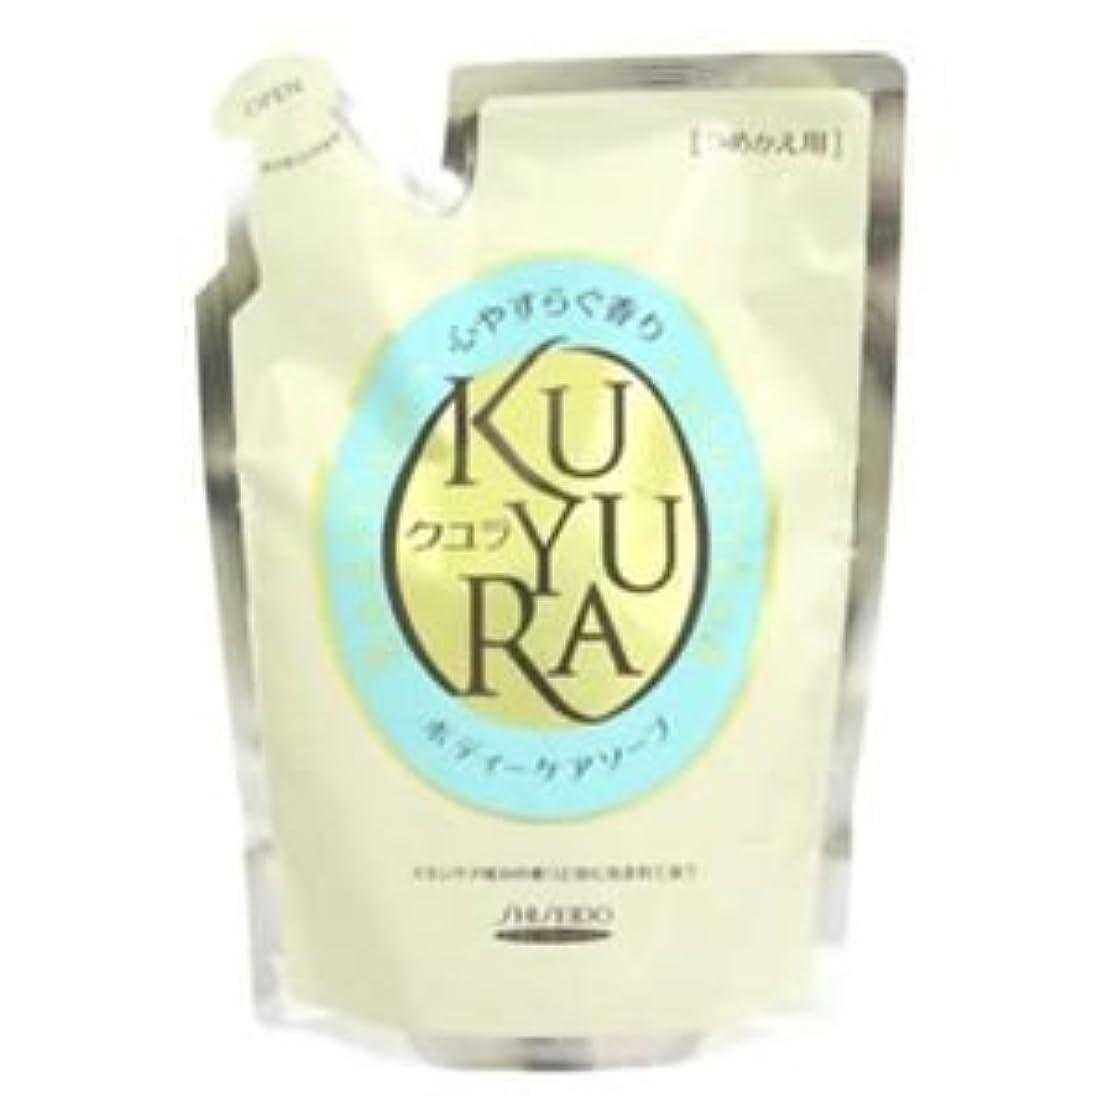 賞賛するエキゾチック特別にクユラ ボディケアソープ 心やすらぐ香り つめかえ用400ml 4セット